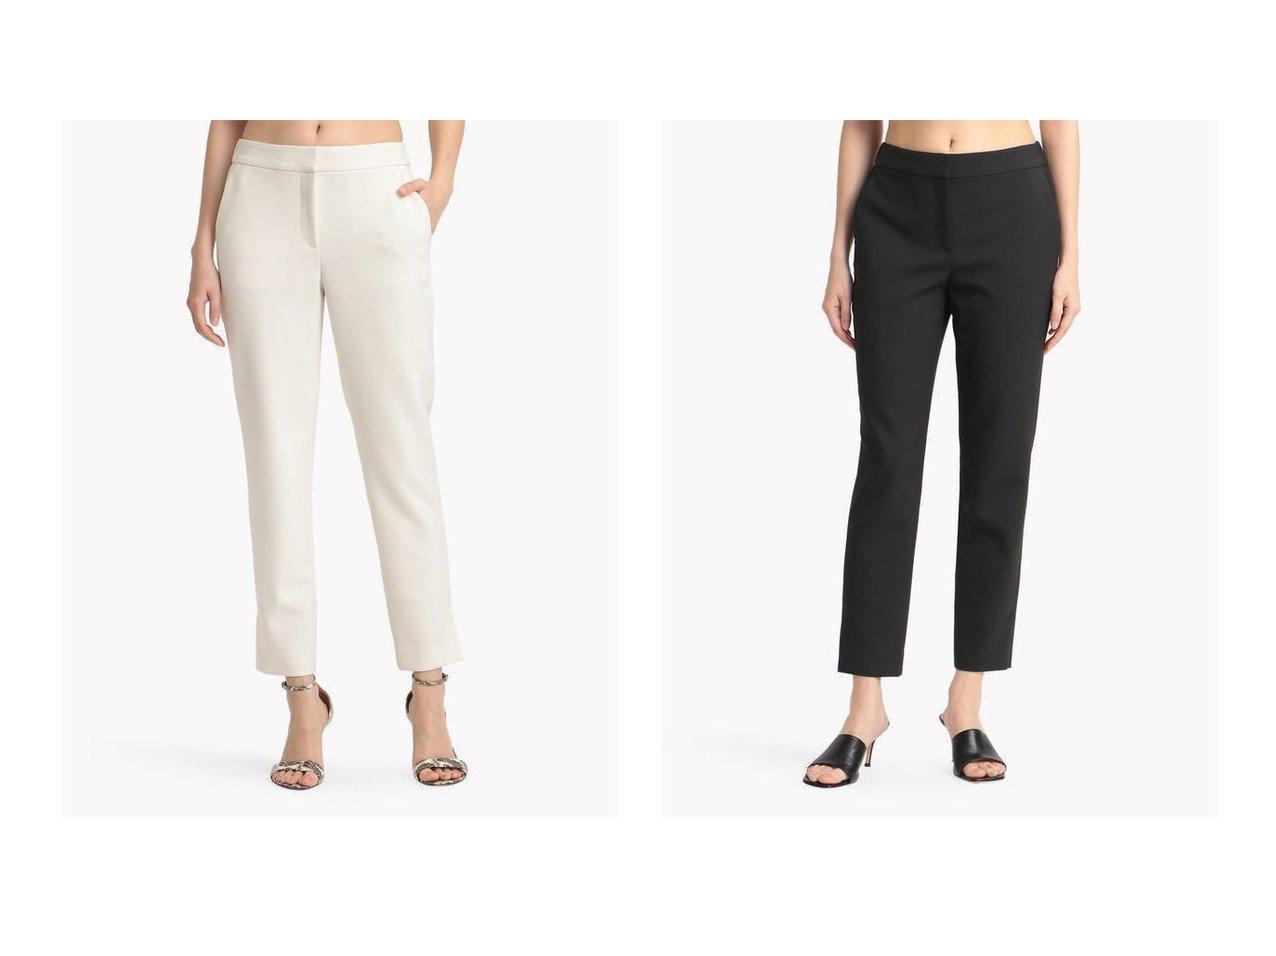 【Theory Luxe/セオリーリュクス】の【セットアップ対応商品】パンツ FROST STRTECH PELIN 【パンツ】おすすめ!人気、トレンド・レディースファッションの通販 おすすめで人気の流行・トレンド、ファッションの通販商品 インテリア・家具・メンズファッション・キッズファッション・レディースファッション・服の通販 founy(ファニー) https://founy.com/ ファッション Fashion レディースファッション WOMEN セットアップ Setup パンツ Pants おすすめ Recommend シューズ ショート ストレッチ セットアップ ドレス バランス フィット  ID:crp329100000068177